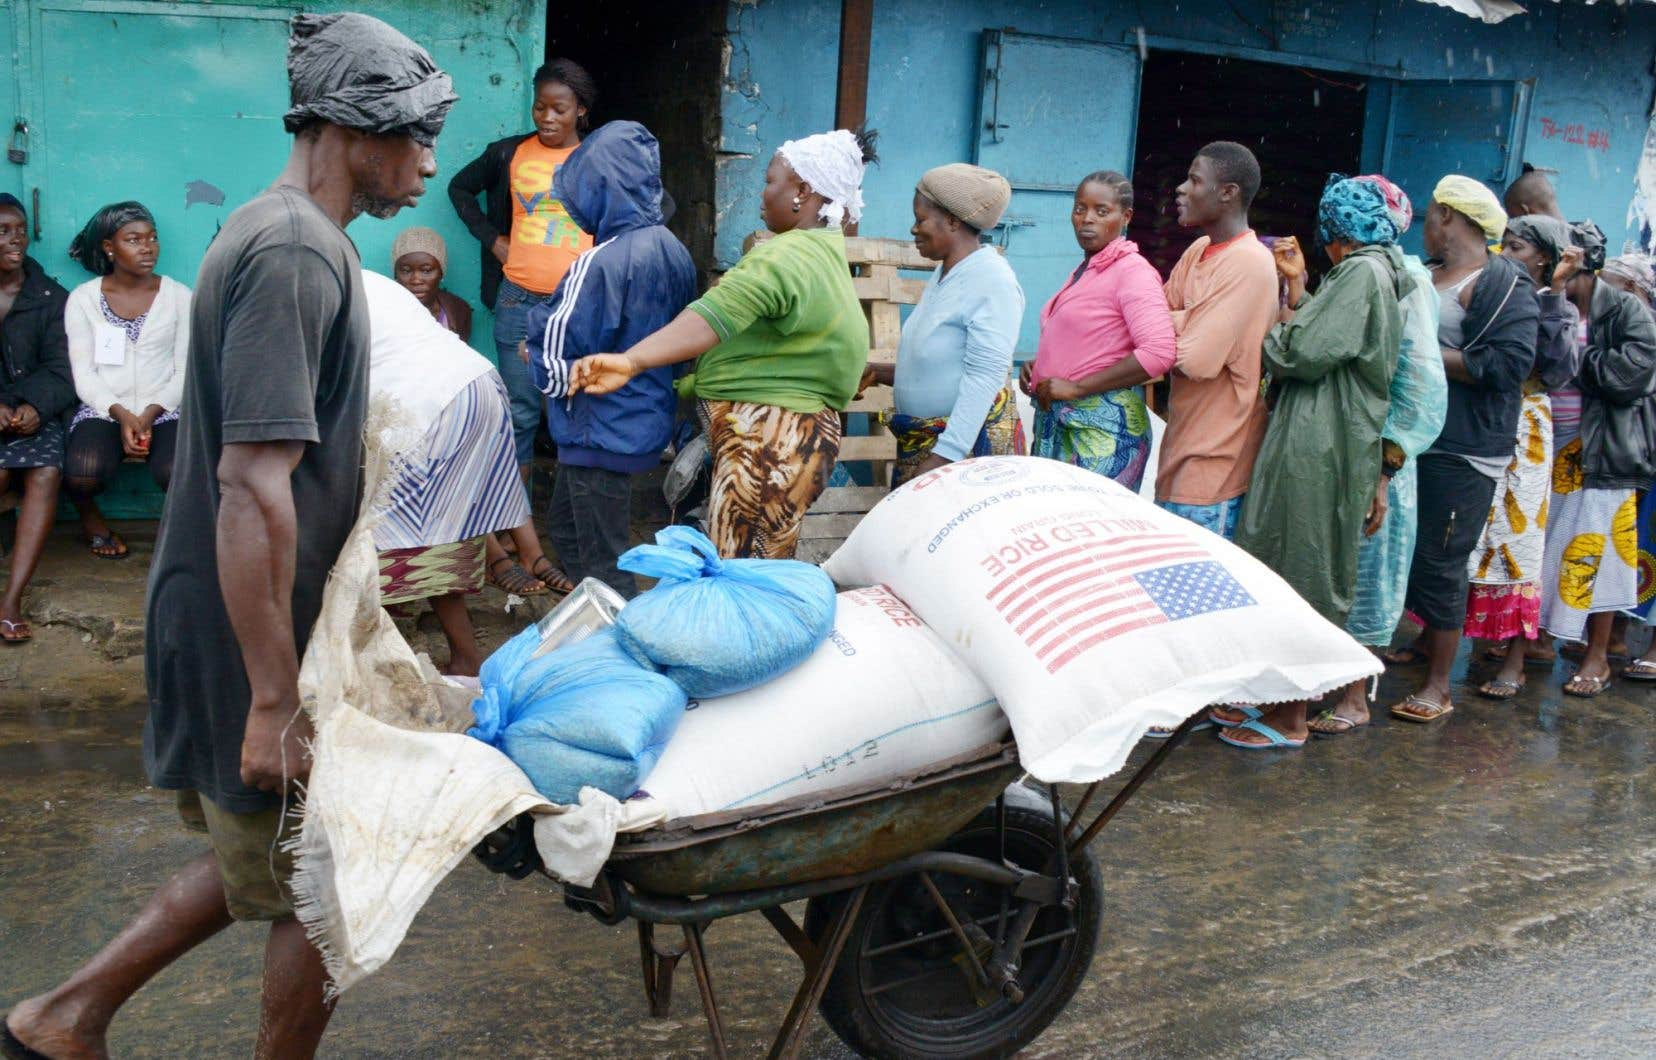 Le pourcentage de personnes sous-alimentées est passé de 23,4% à 13,5%.